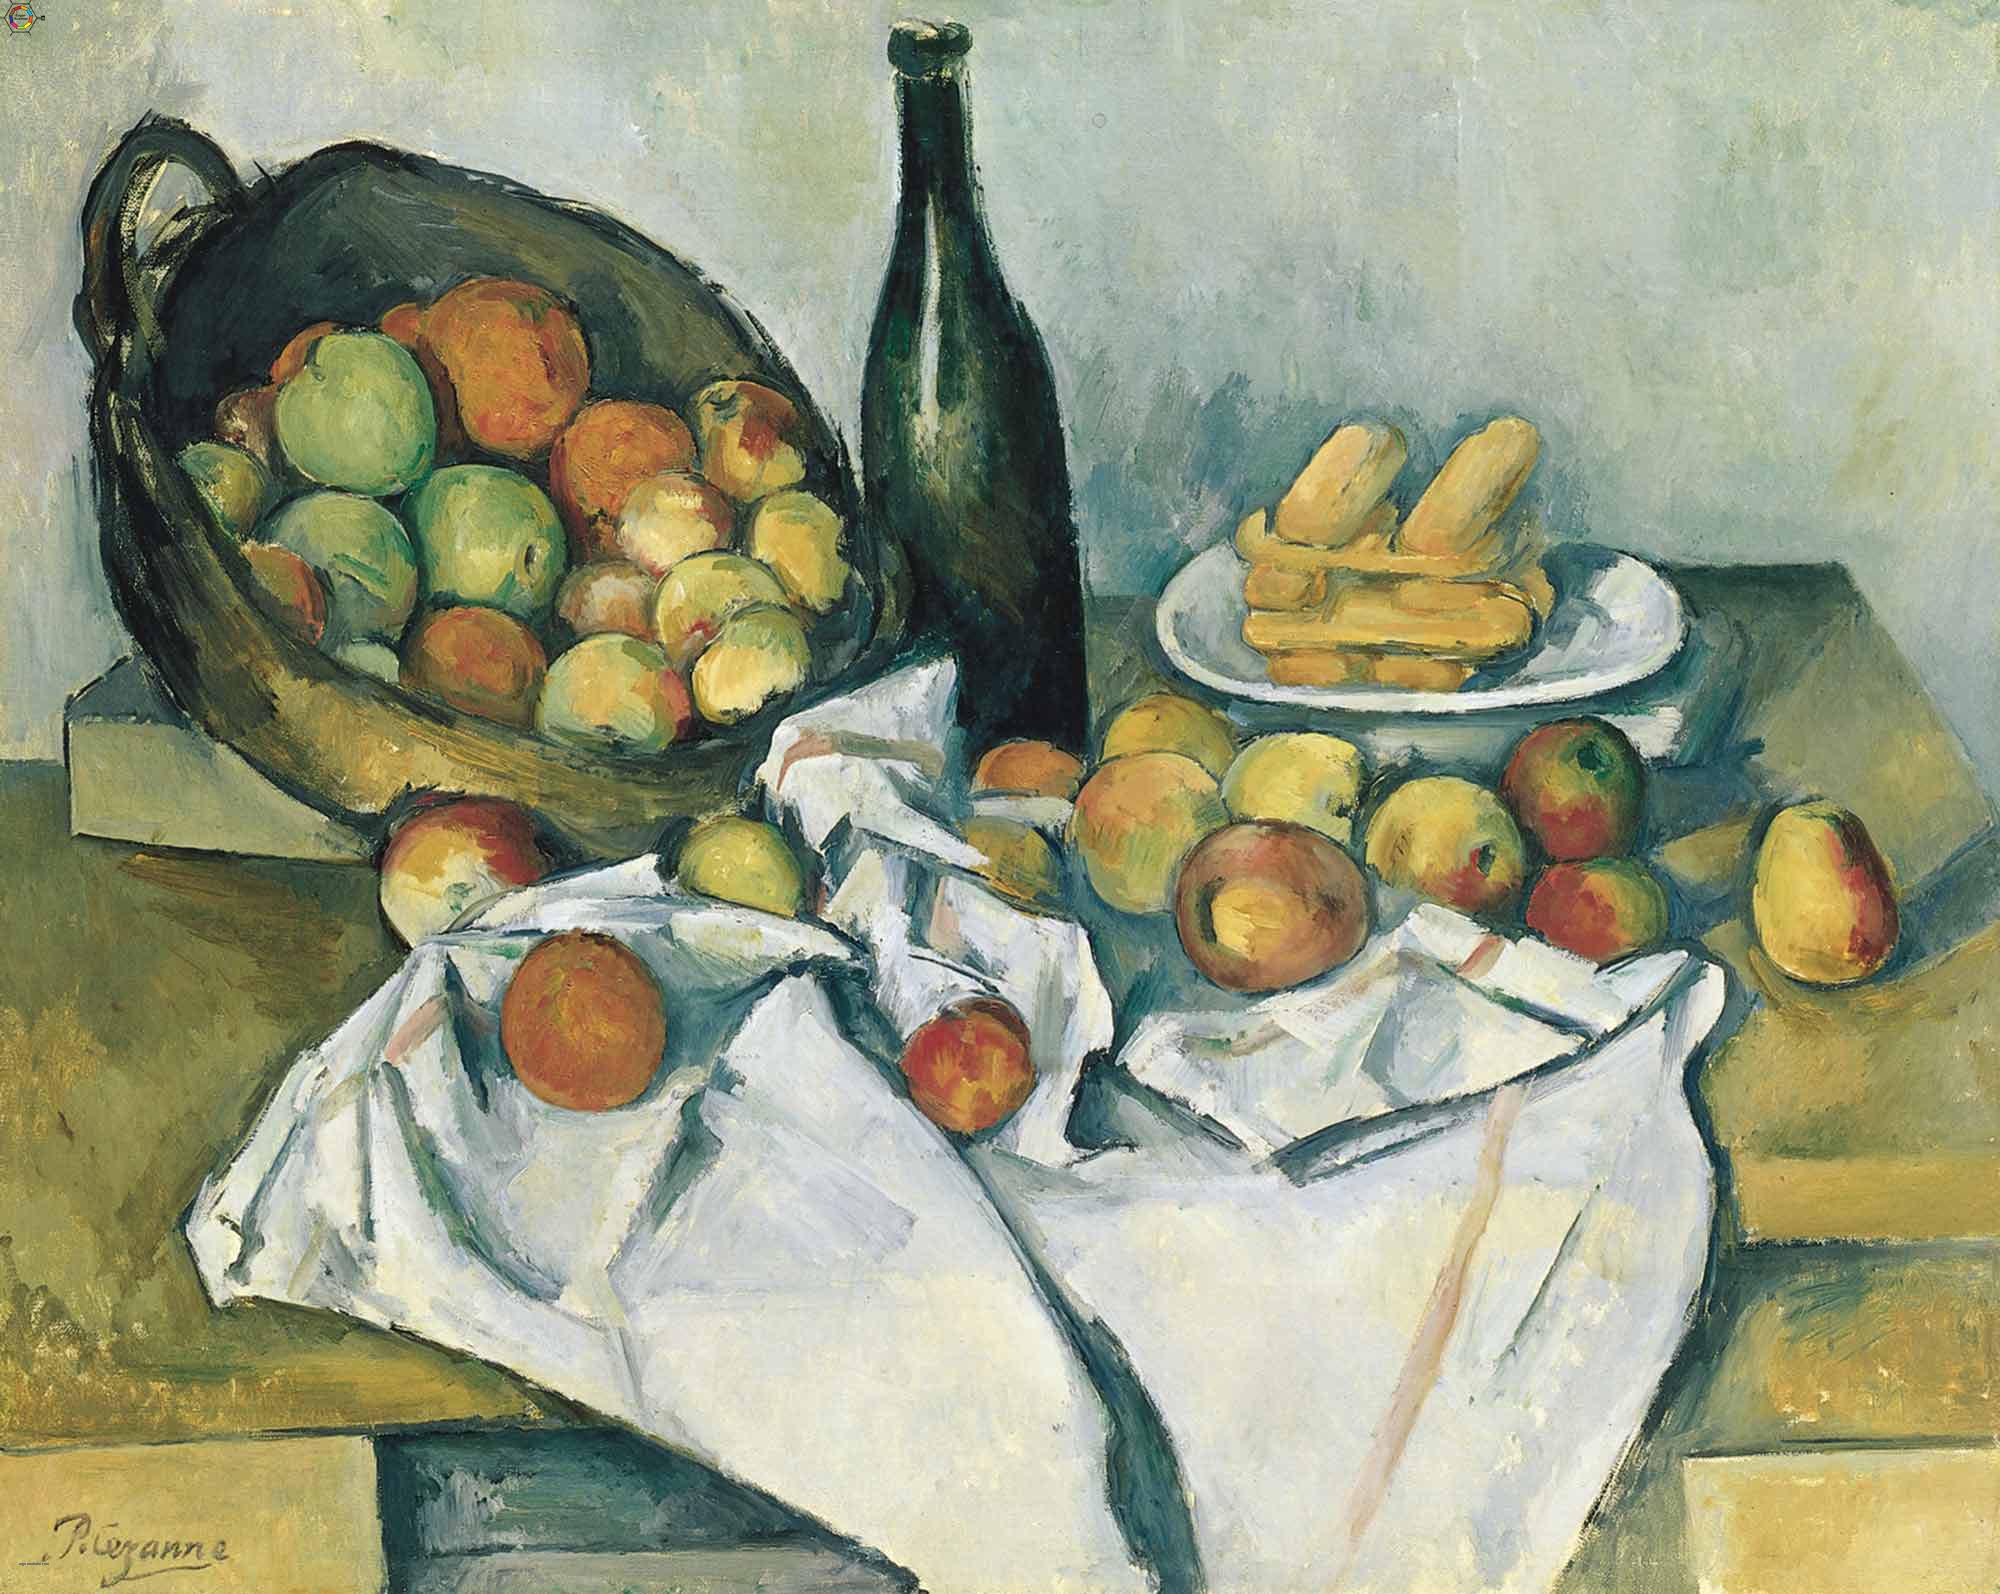 Paul Cezanne'nin şişe ve elma sepeti tablosu